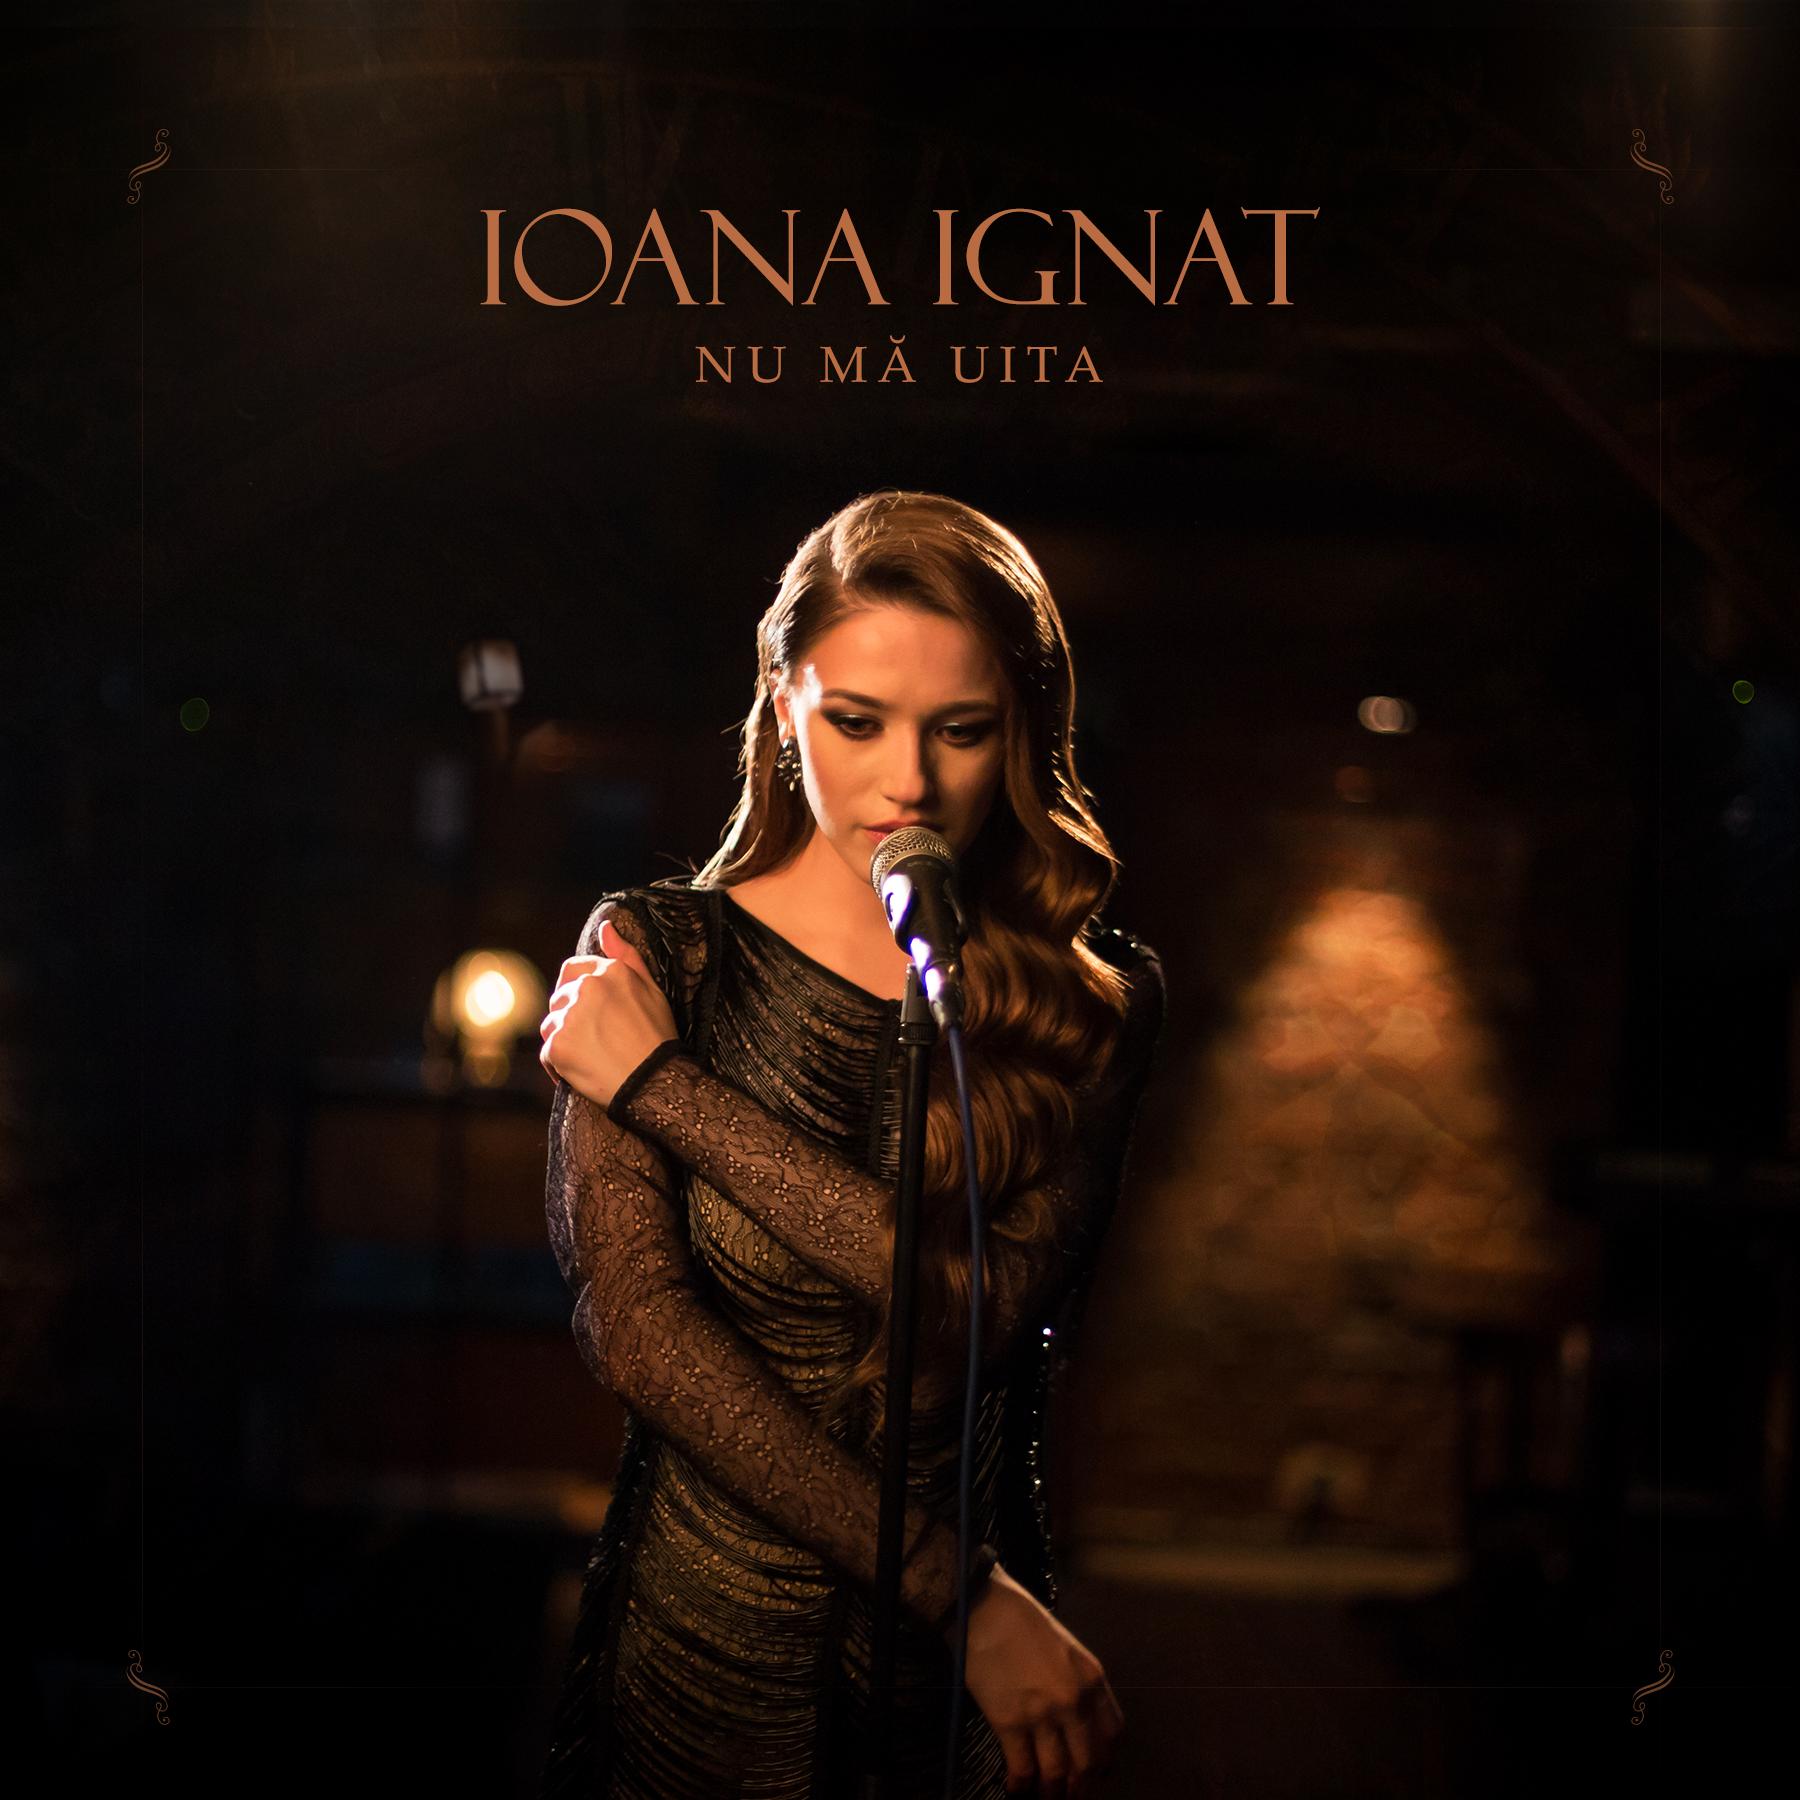 """Ioana Ignat, revelatia anului in muzica romaneasca, lanseaza single-ul si videoclipul """"Nu ma uita"""""""